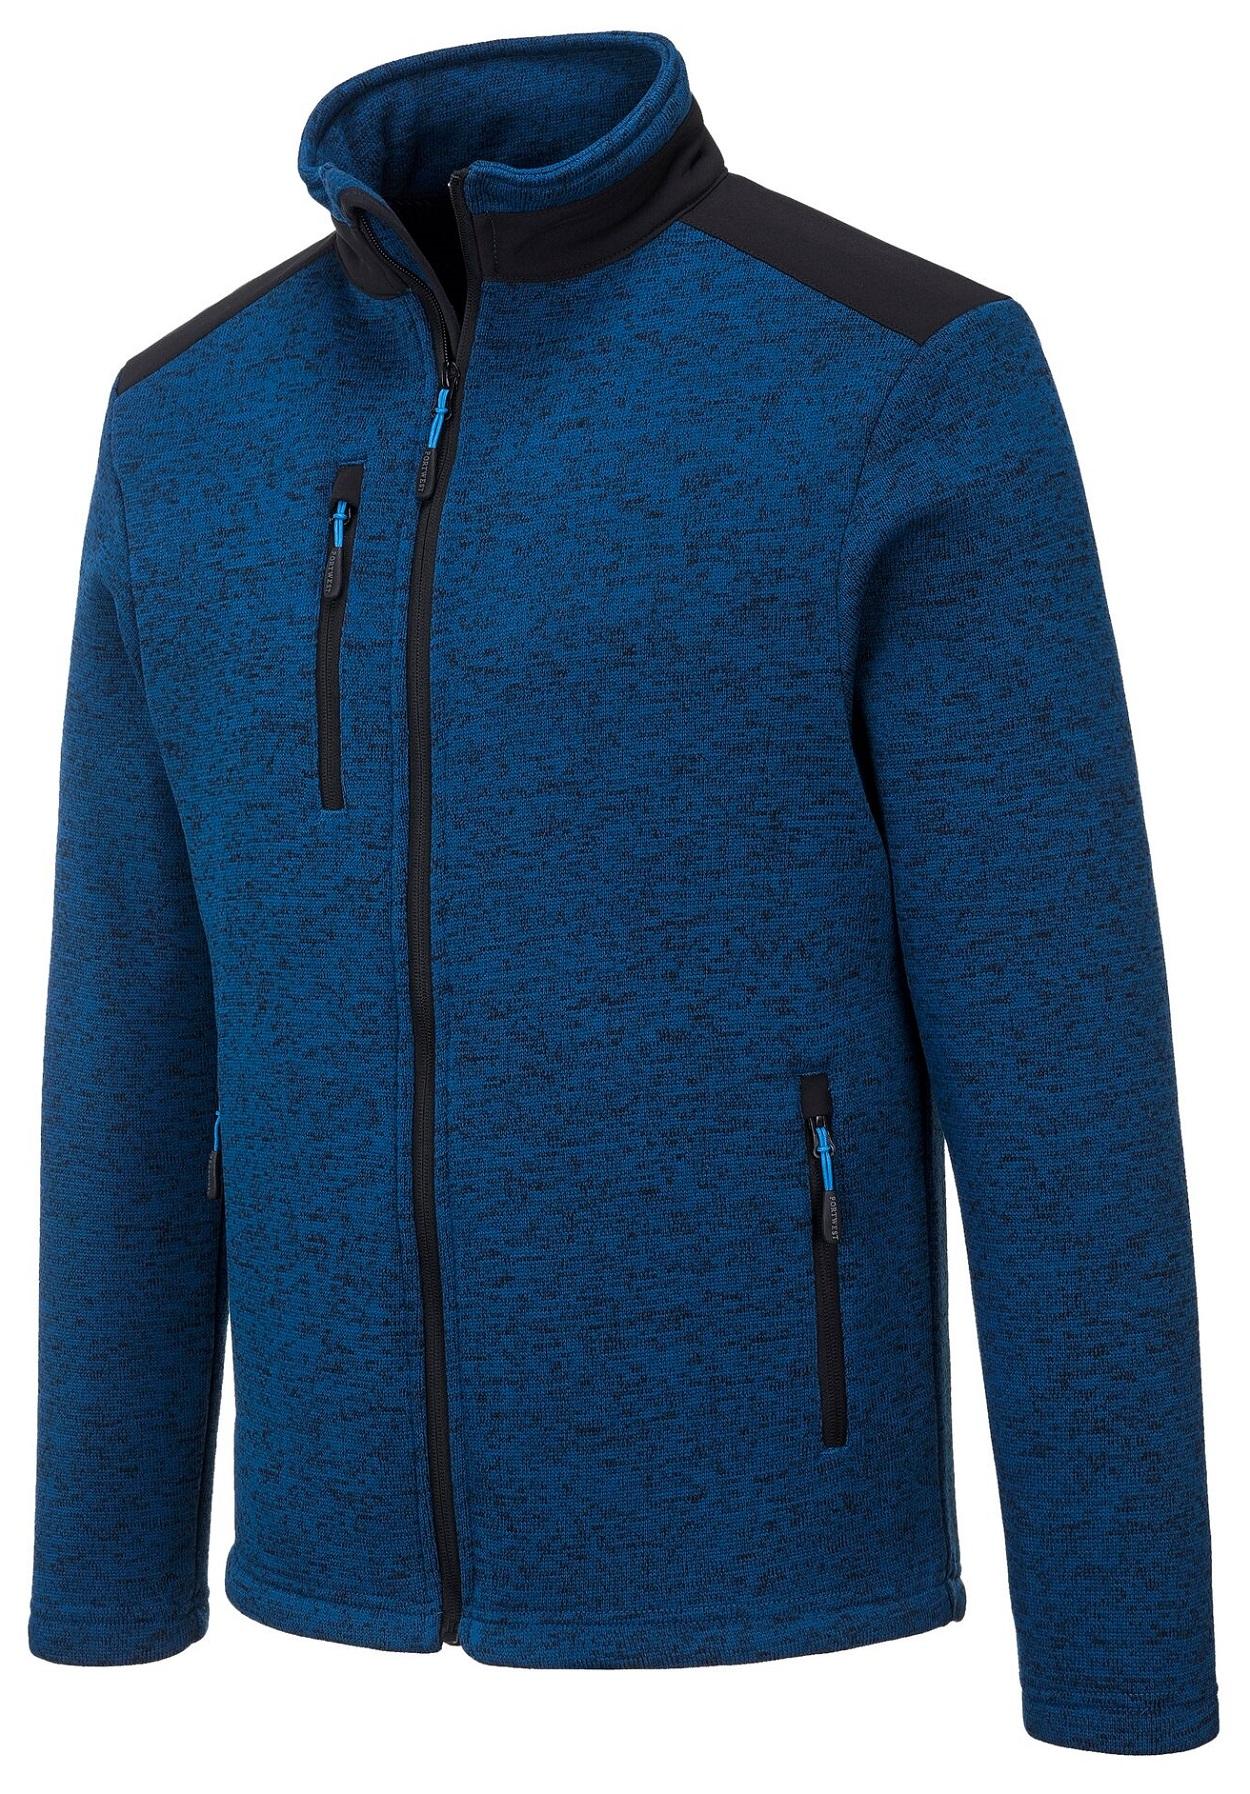 t830-persian blue 1